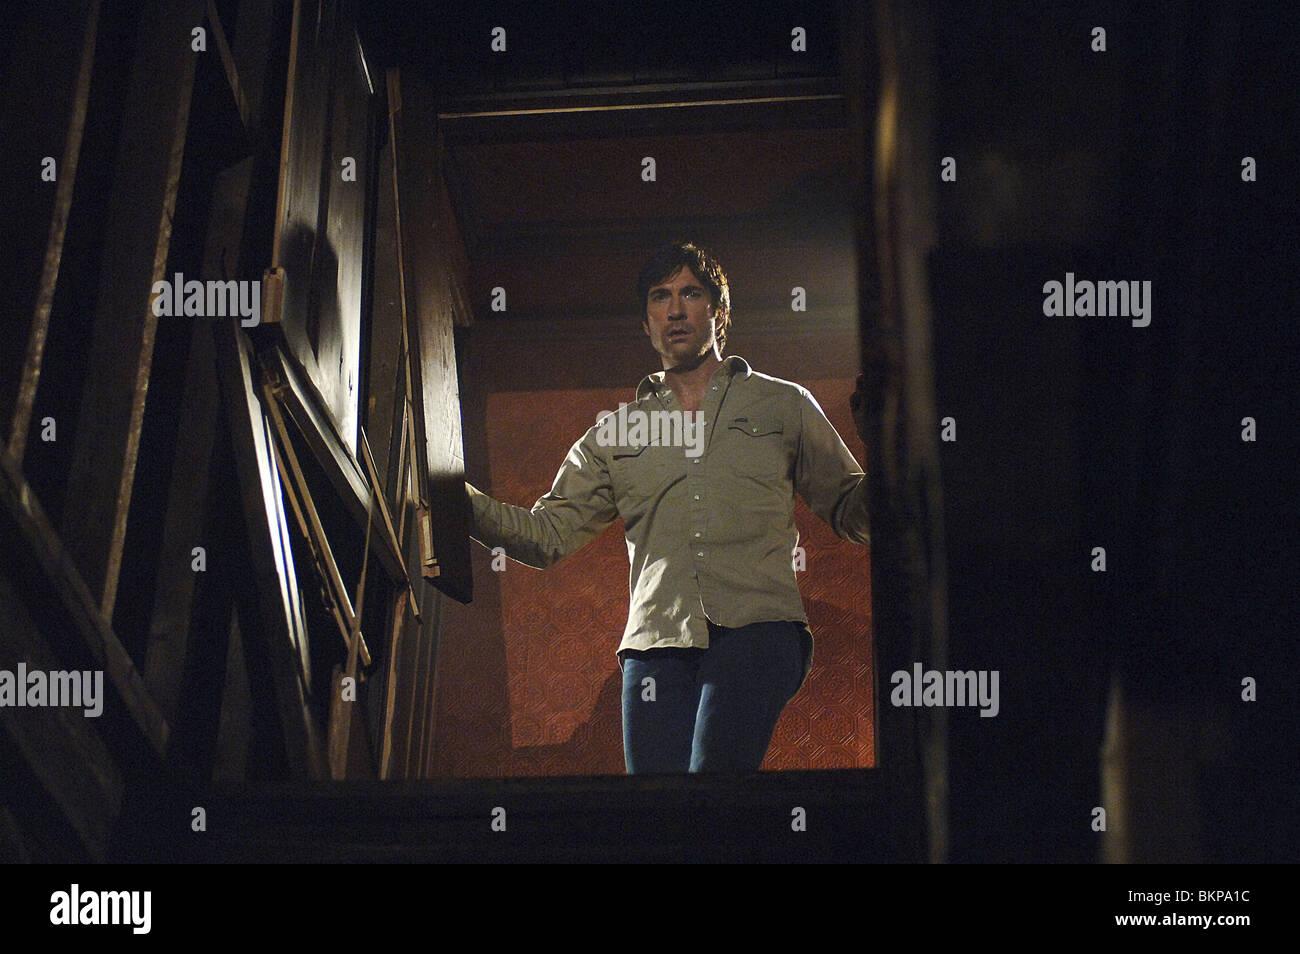 THE MESSENGERS (2007) DYLAN McDERMOTT MESG 001-08 - Stock Image